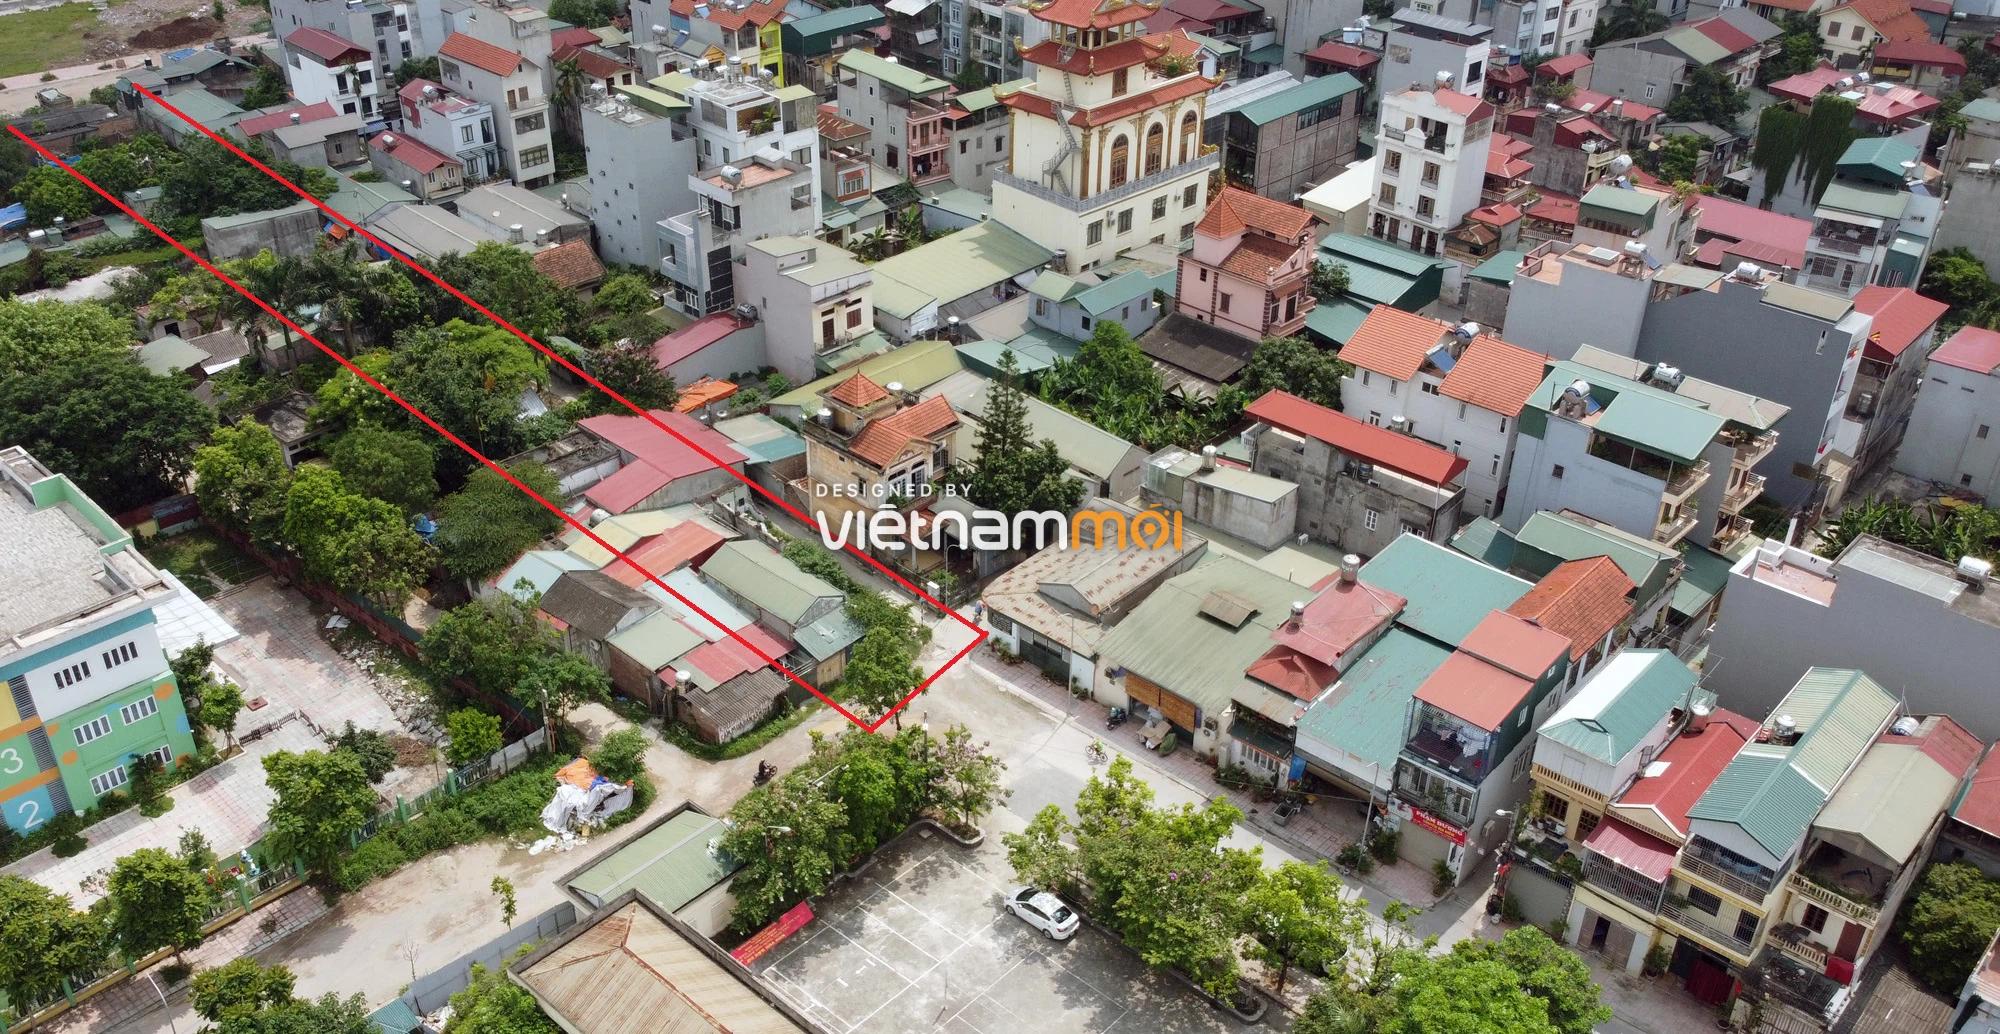 Những khu đất sắp thu hồi để mở đường ở phường Long Biên, Long Biên, Hà Nội (phần 3) - Ảnh 4.